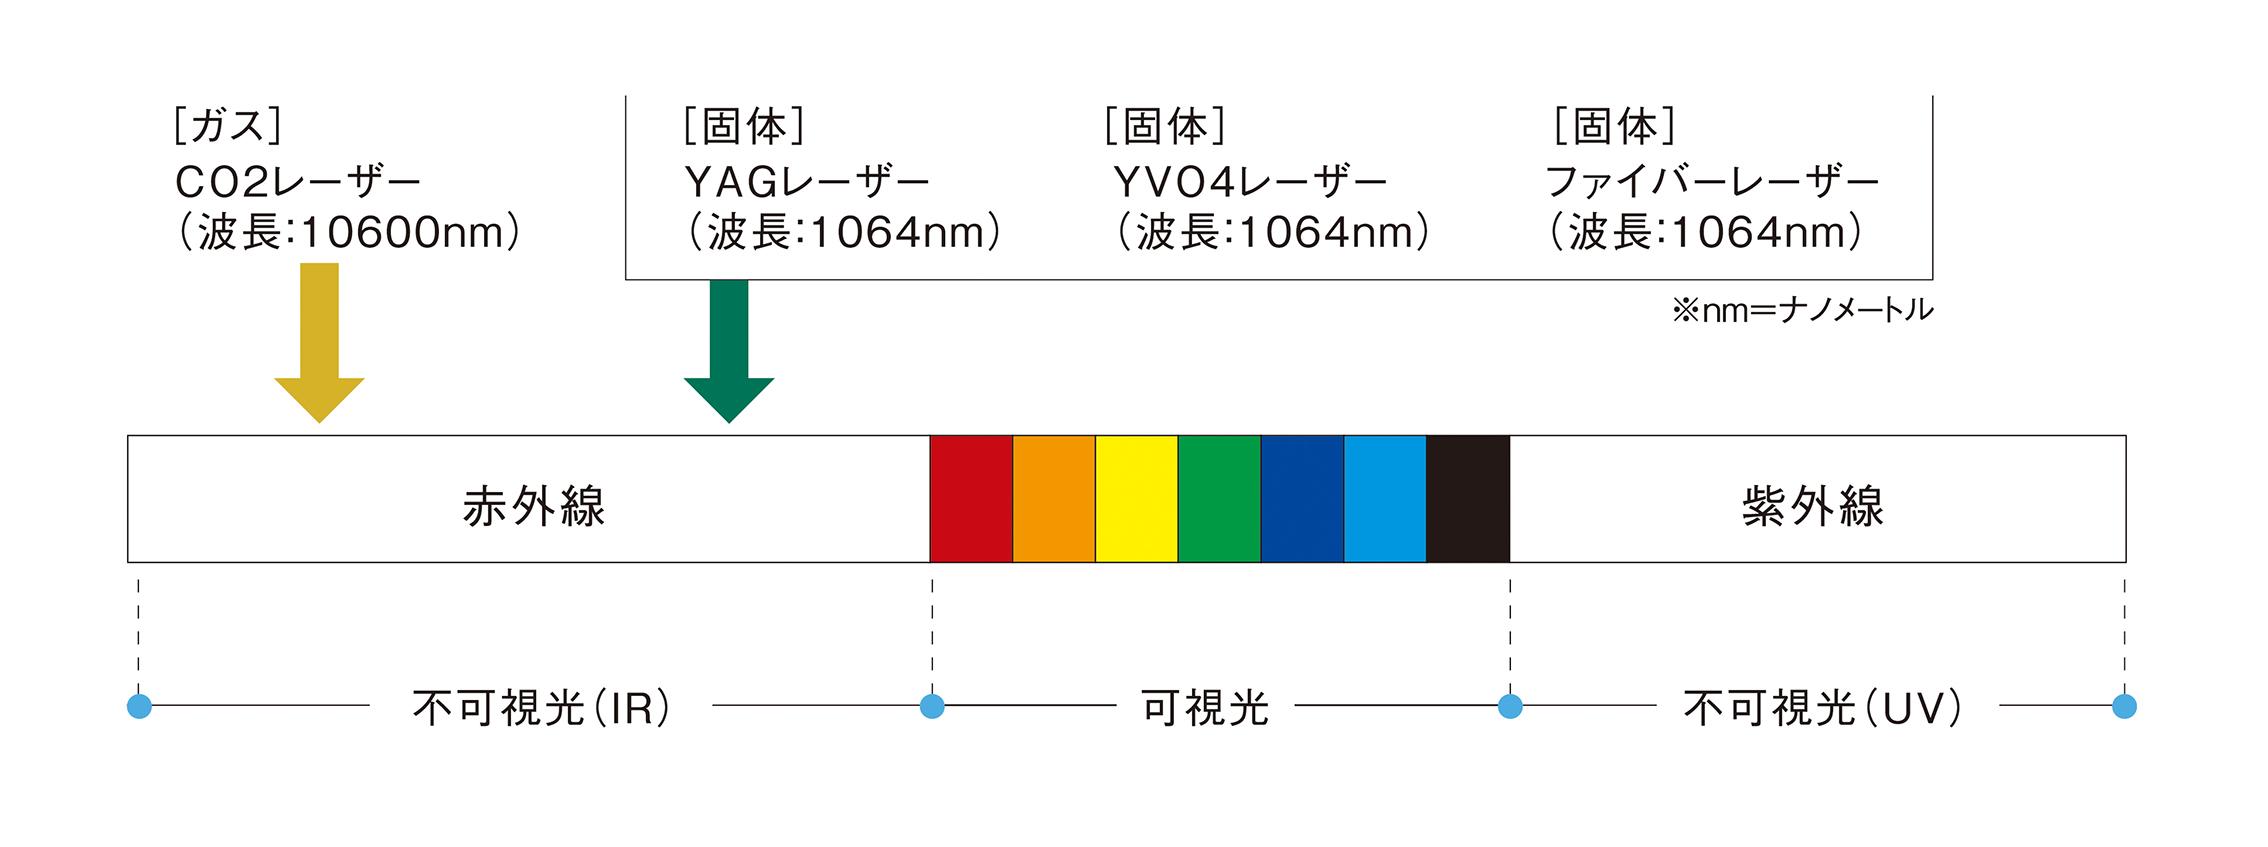 レーザーの波長の図解